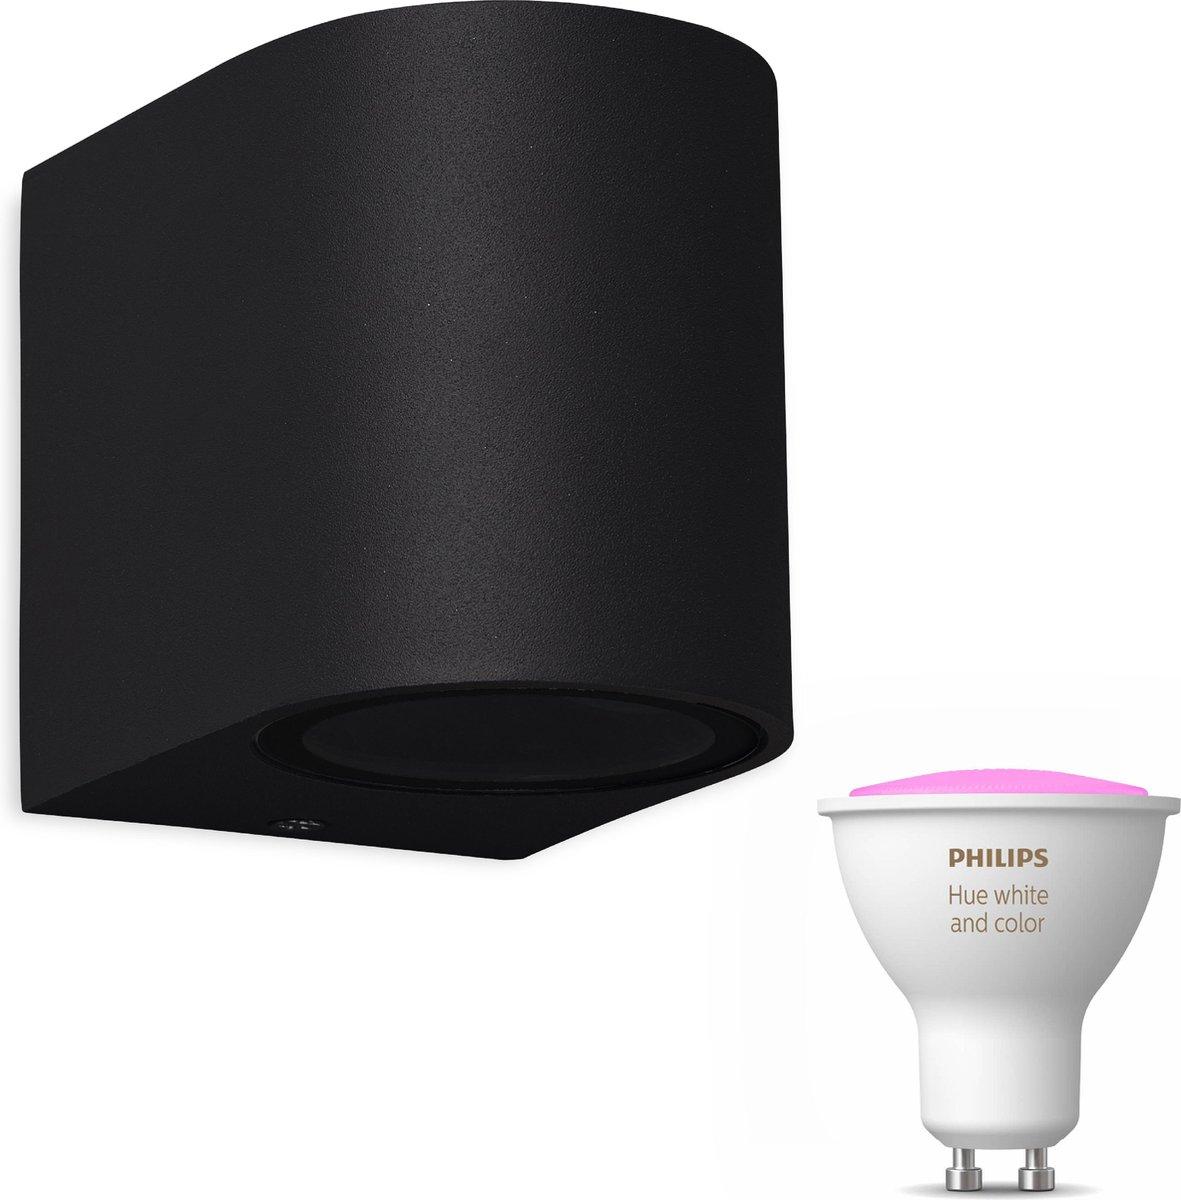 Mantra Kandachu wandlamp rond - zwart - 1 lichtpunt - Incl. Philips Hue White & Color Ambiance Gu10 (geschikt voor buitengebruik)